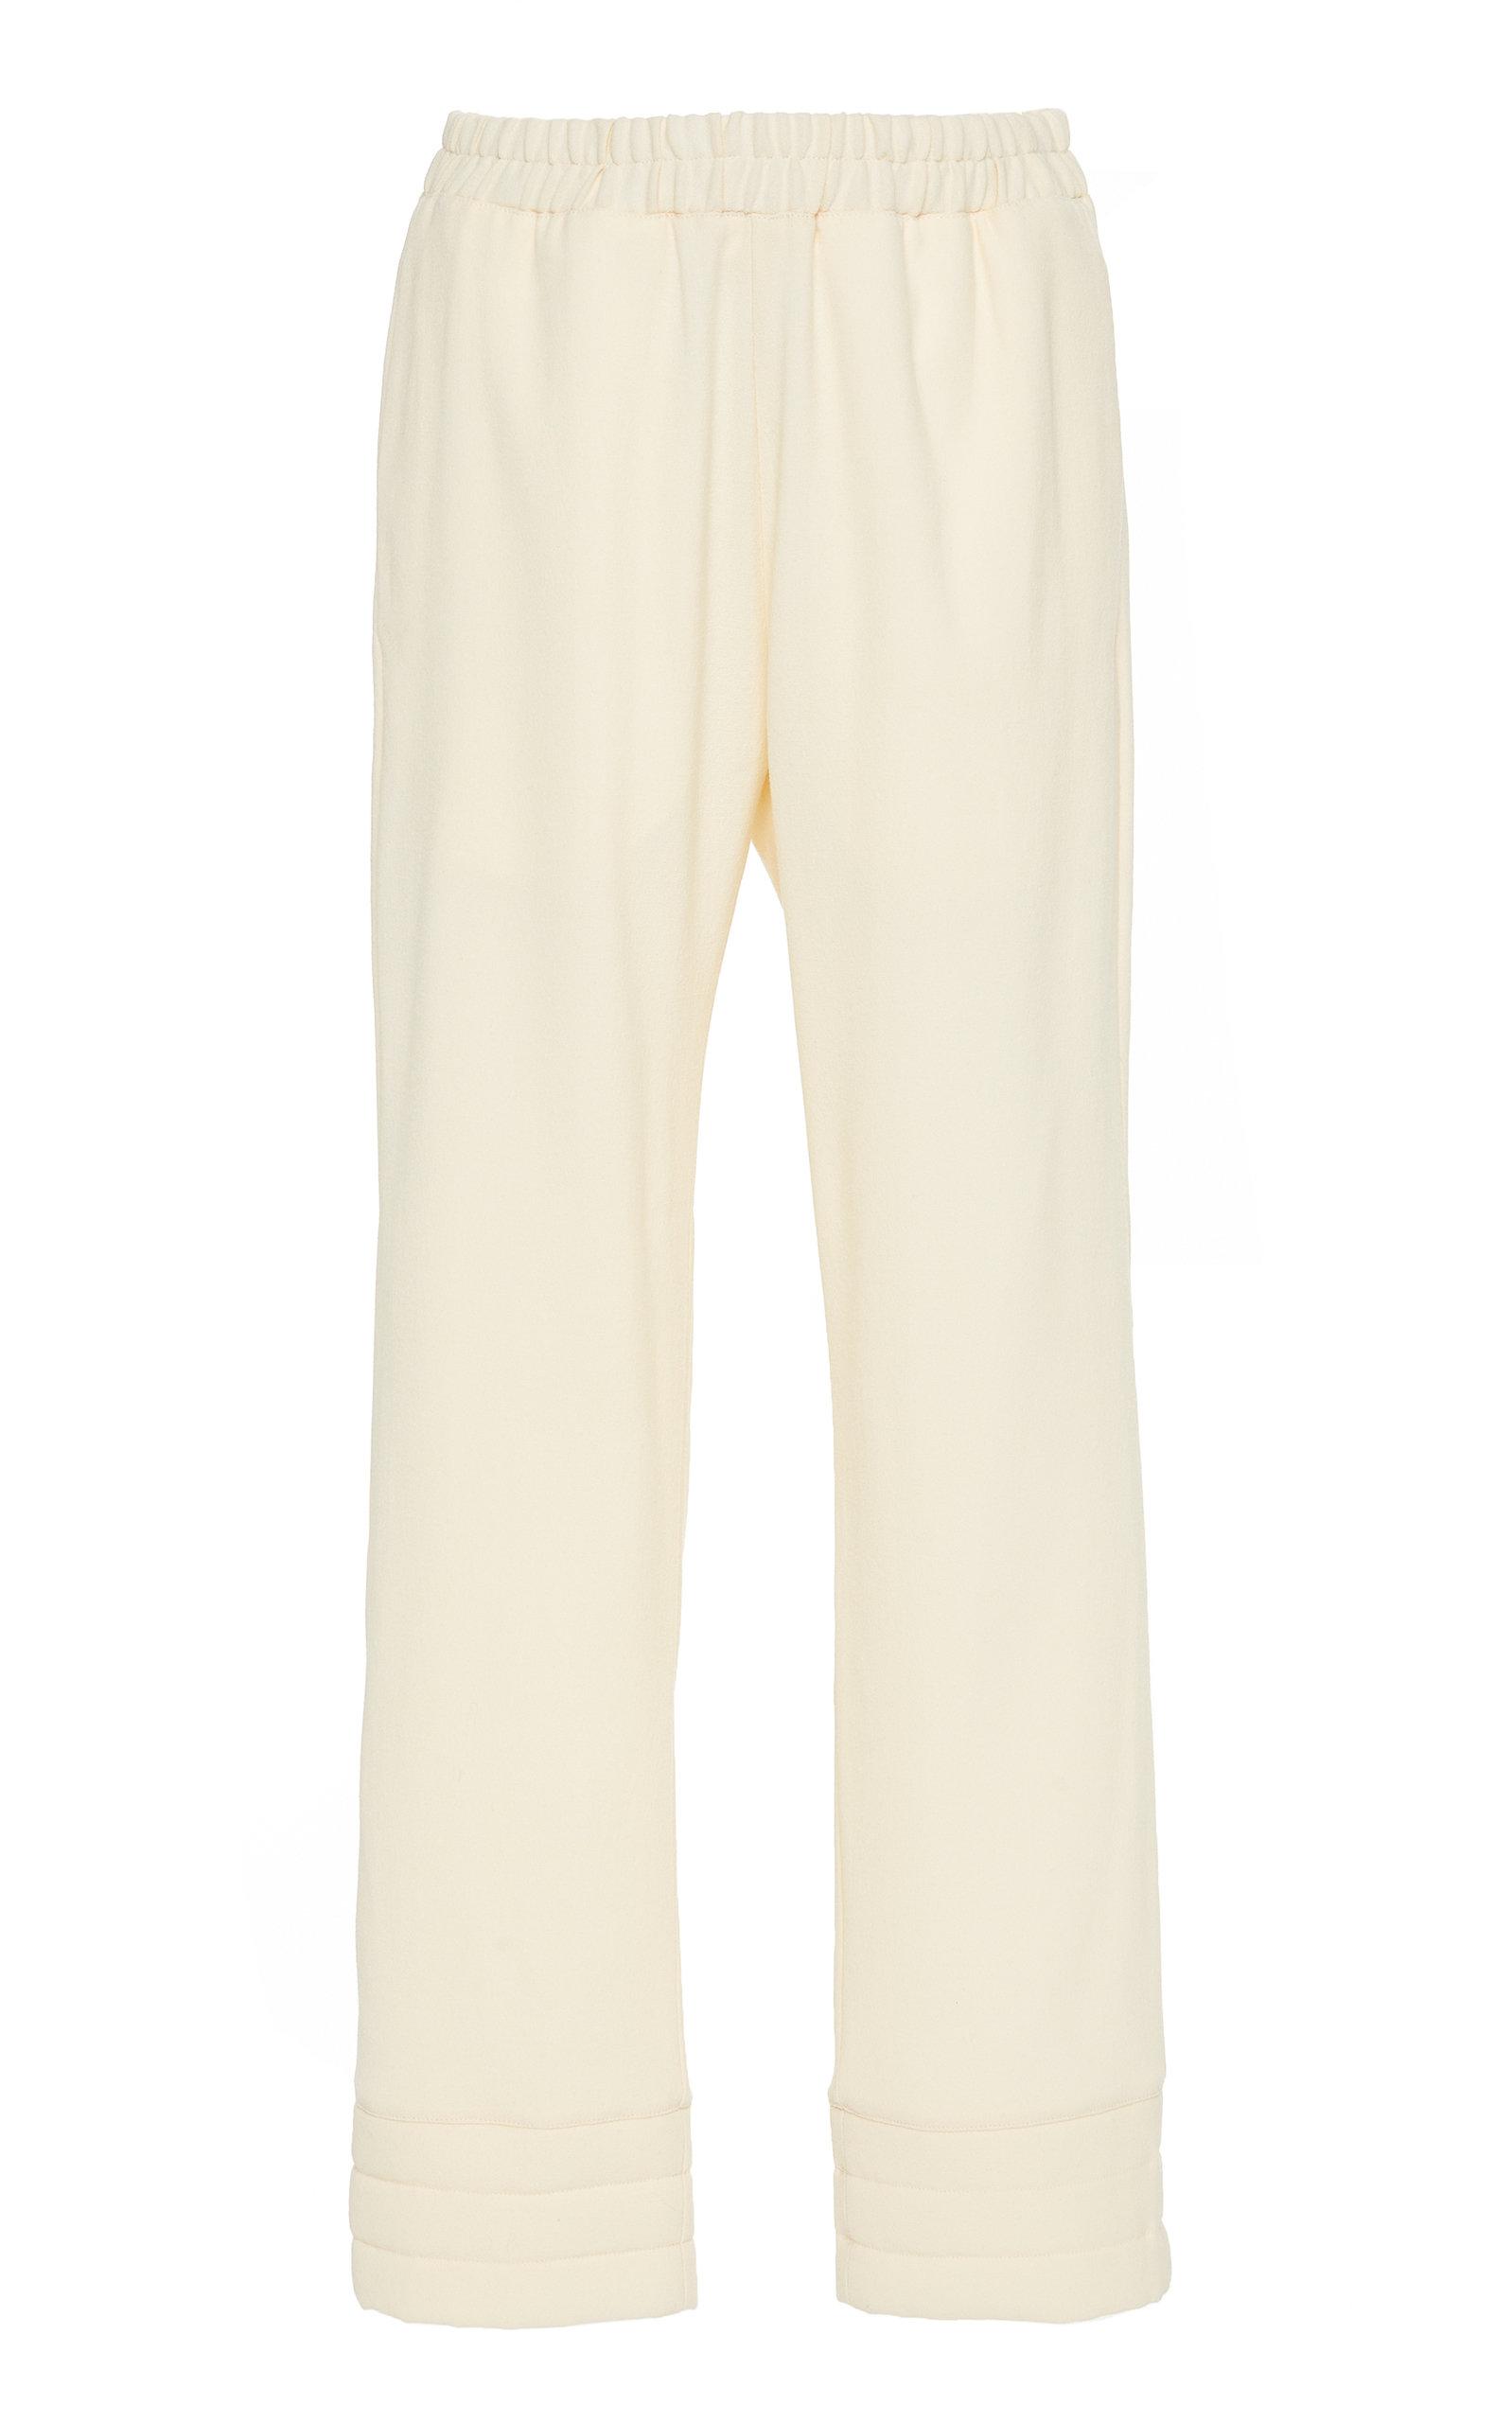 Deitas Pants Vero Wool Blend Trousers